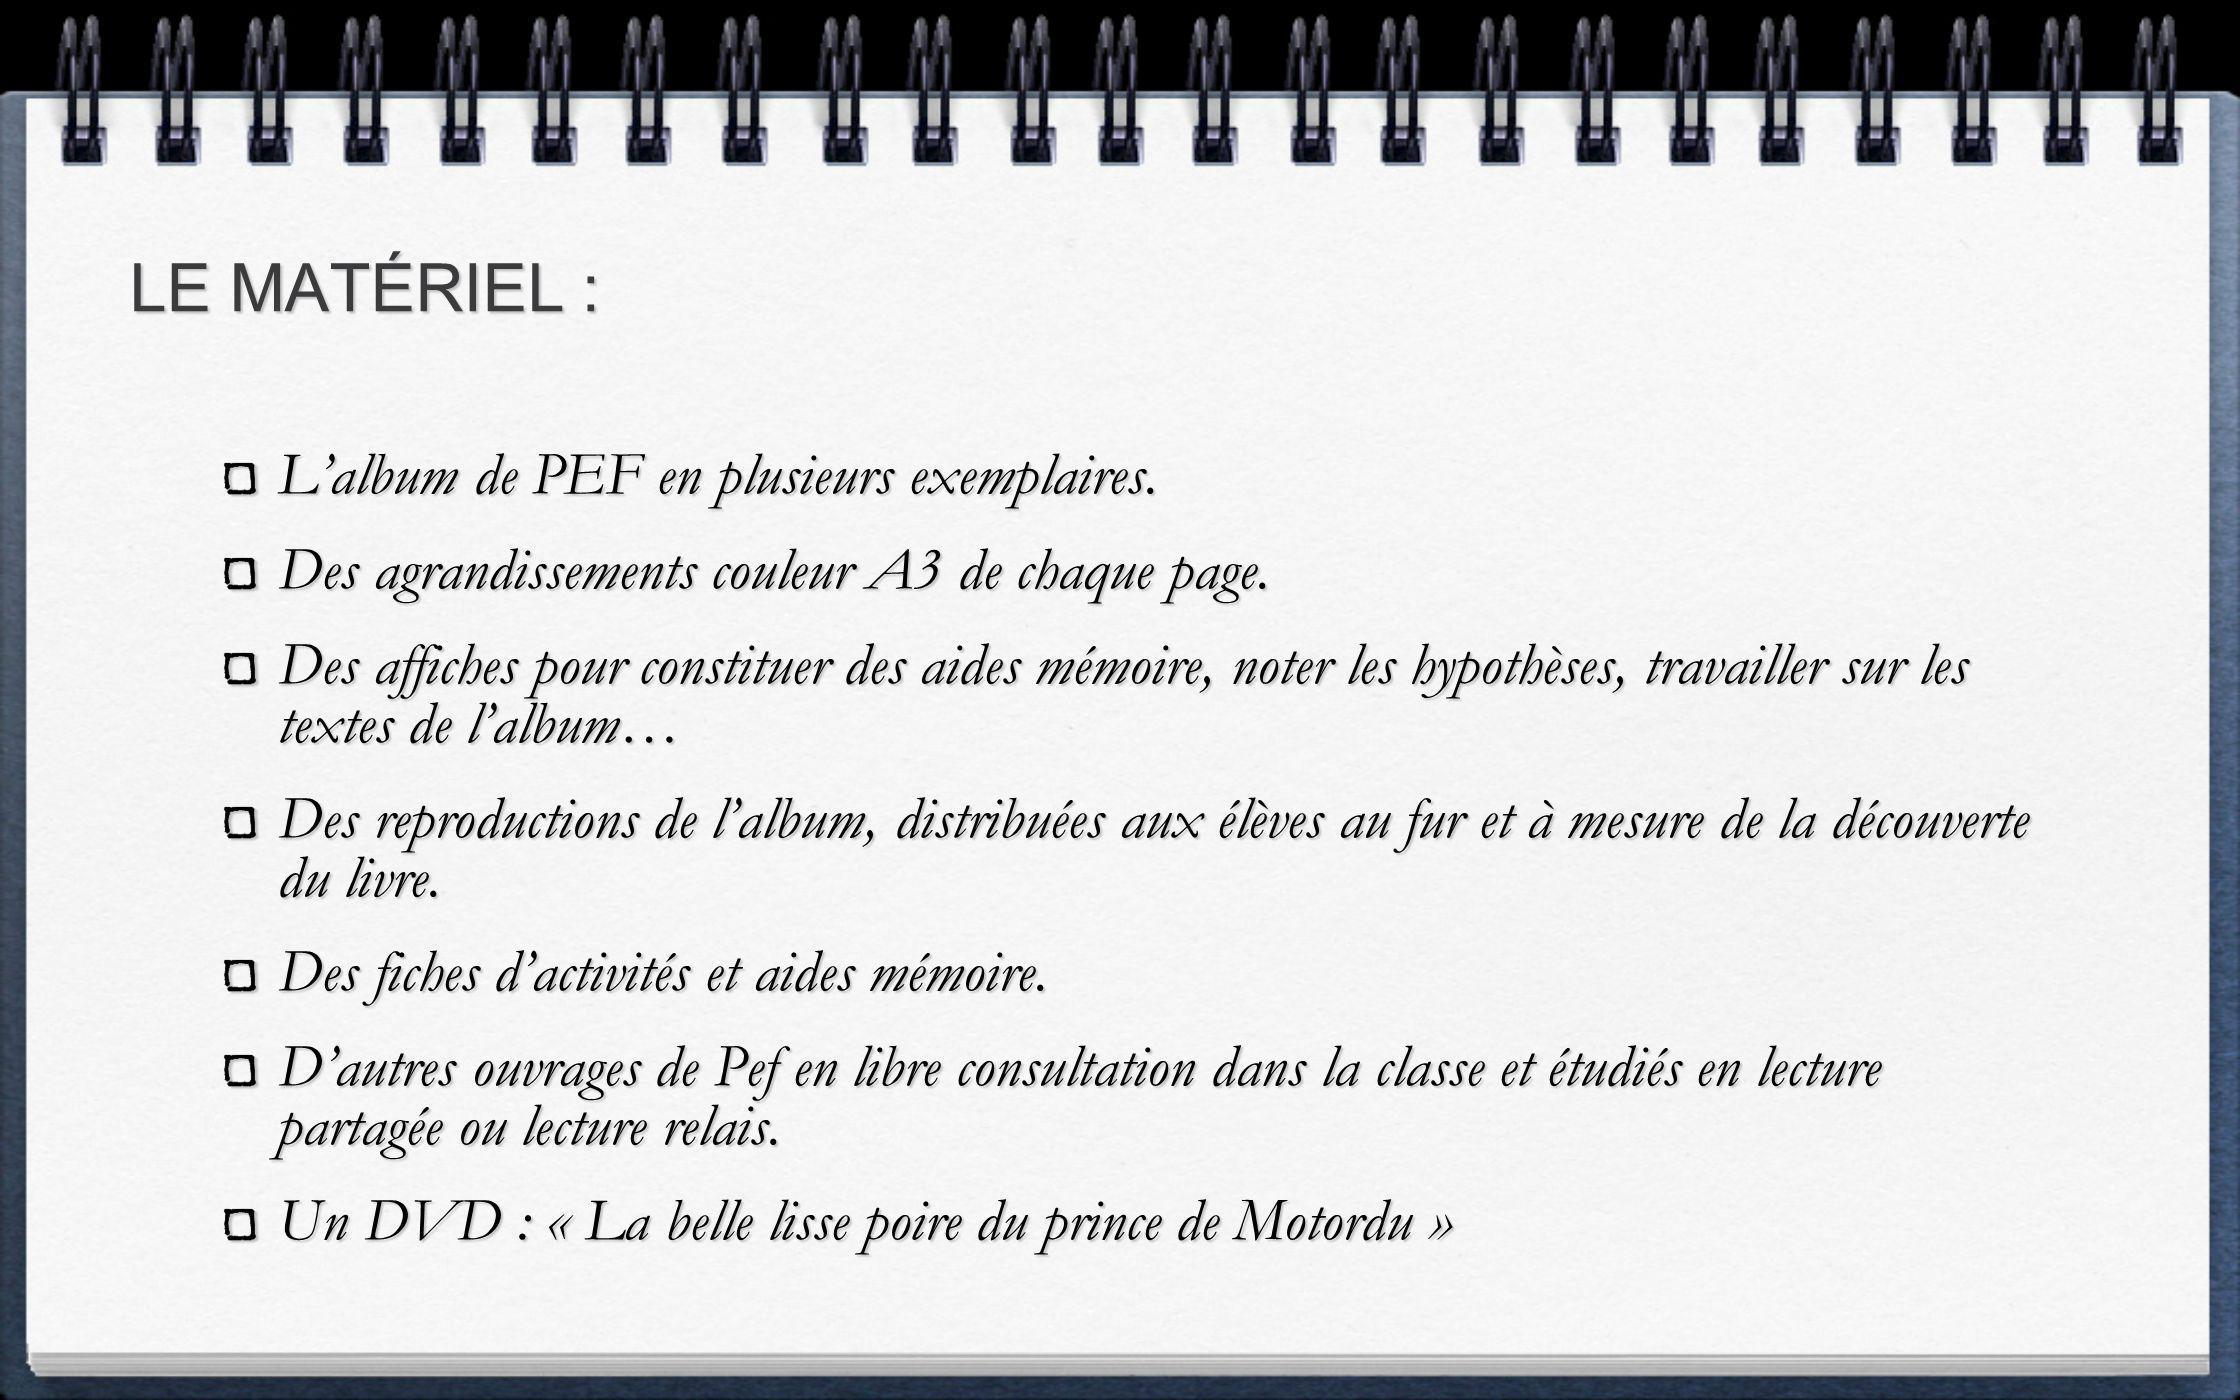 LE MATÉRIEL : Lalbum de PEF en plusieurs exemplaires.